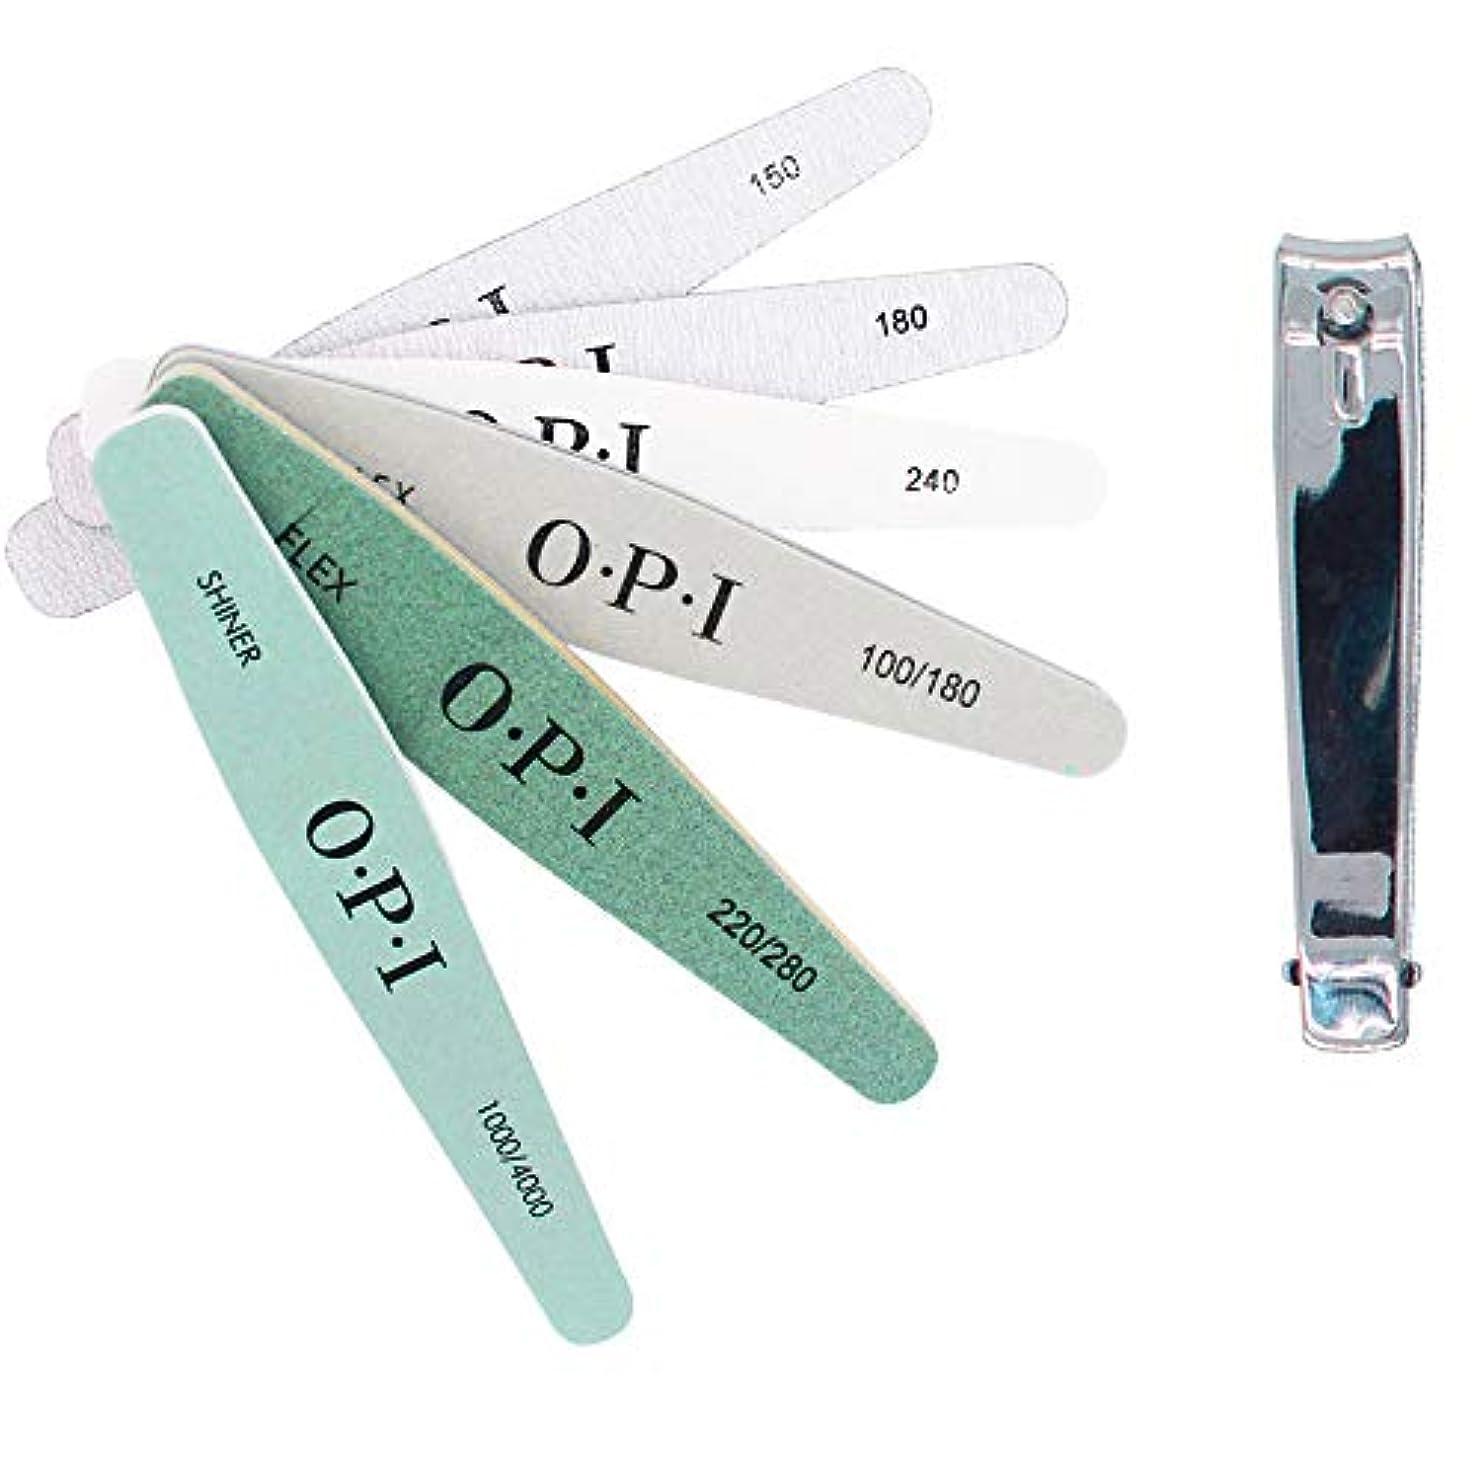 検査散逸アナログKINYOOOスポンジファイル、爪やすり、ネイルをつやつやに、のネイルツール、 150/180/200/240/280/1000/4000と(1 PCSメタルネイルはさみ)、ネイルケア用化粧マニキュアペディキュアセット。